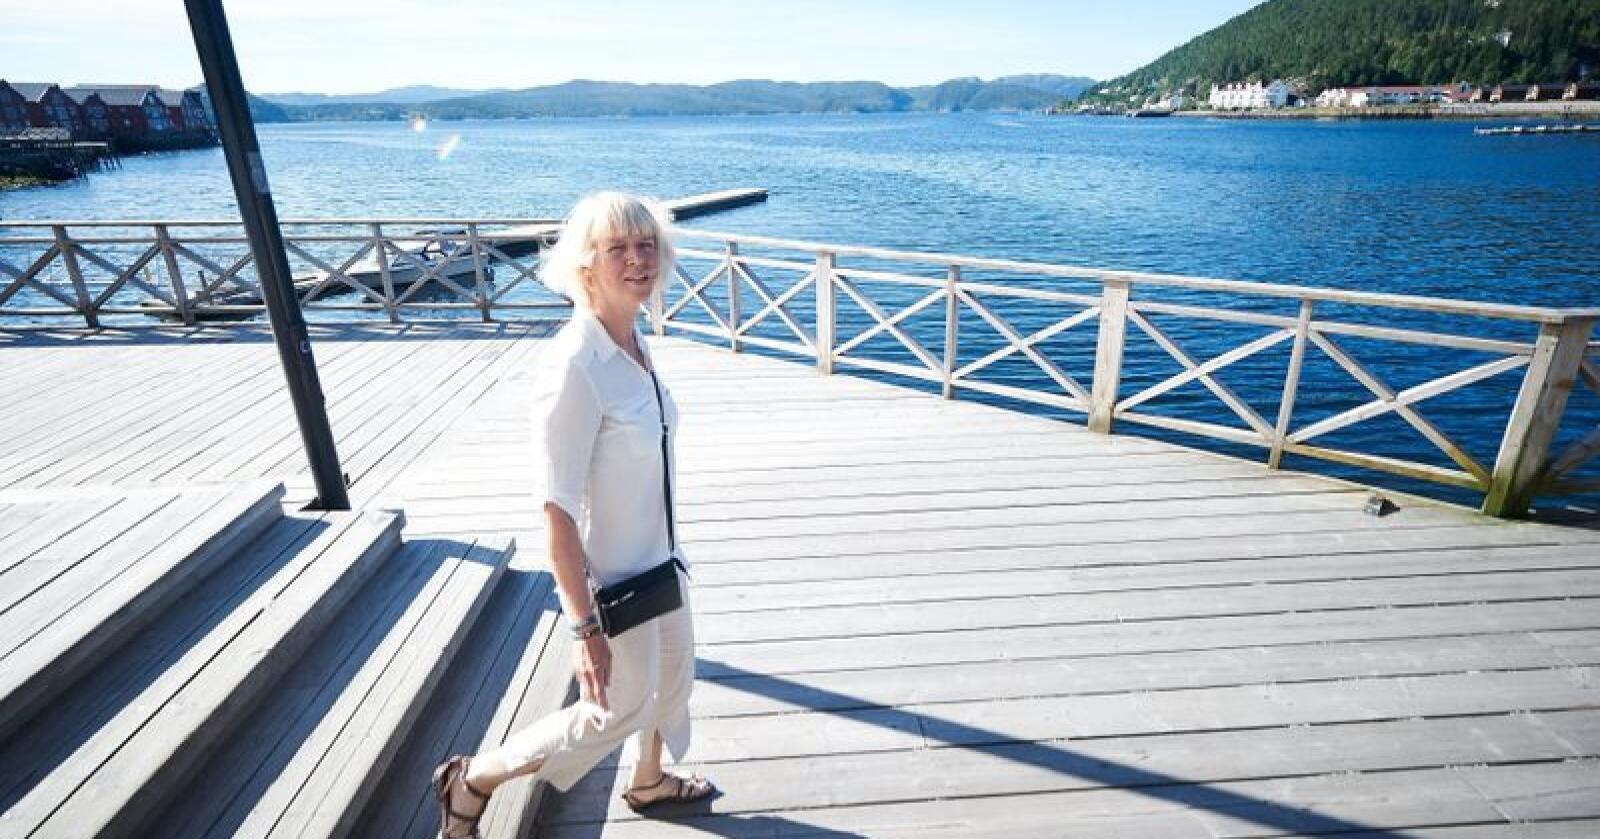 Namsos-ordfører Arnhild Holstad (Ap) mener det vil ha store konsekvenser hvis Namdal tingrett blir lagt ned. Tirsdag kommer forslaget som kan ramme både Namdal og mange andre regioner hardt. Foto: Sivert Rossing